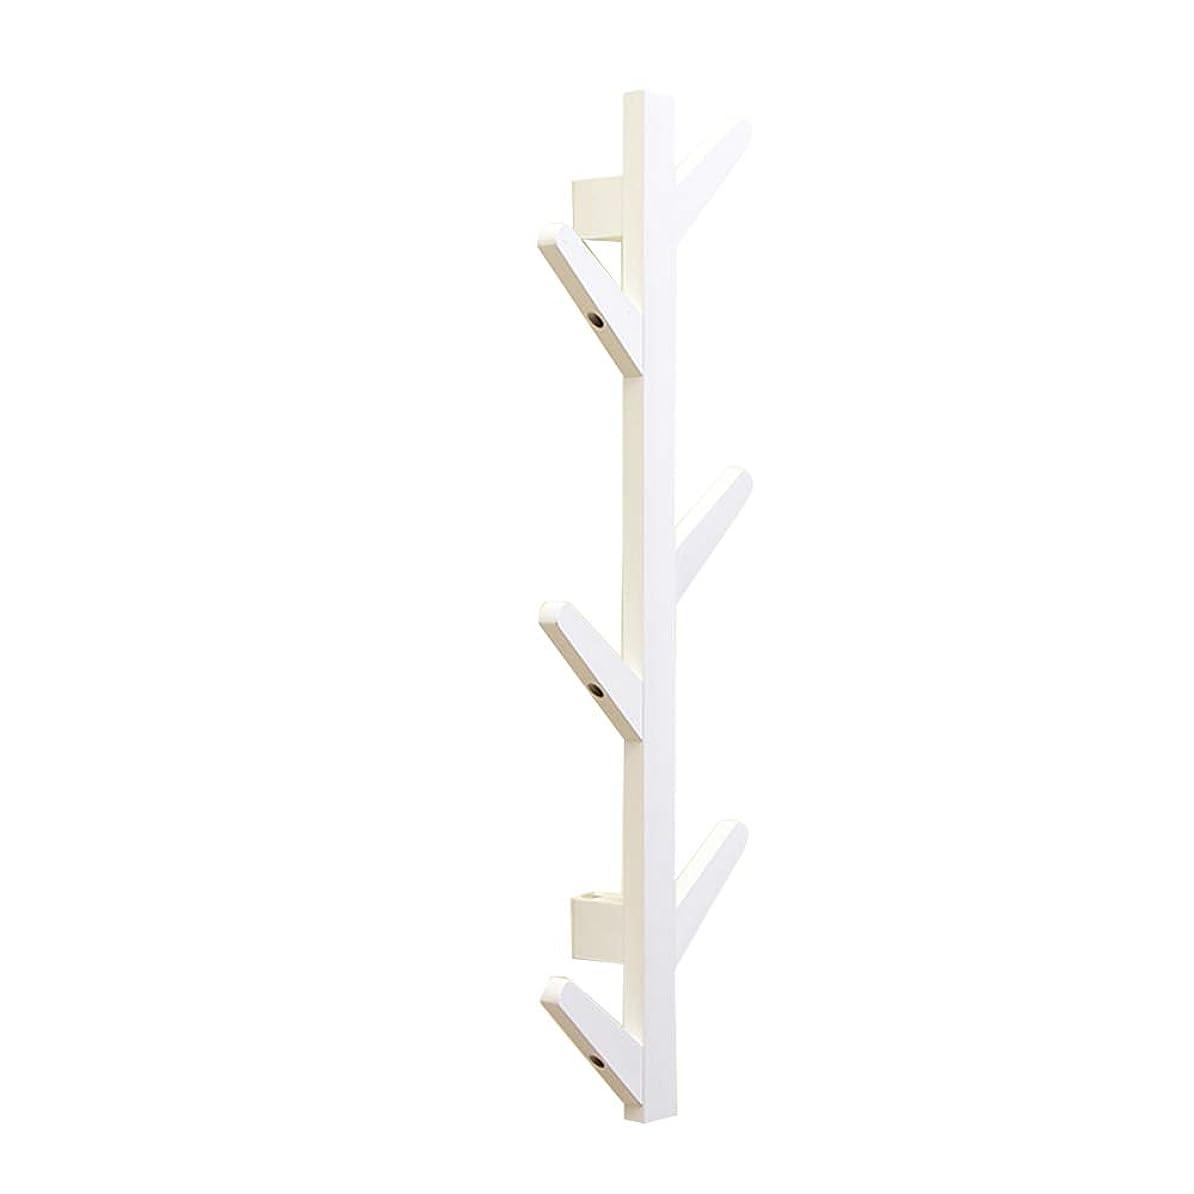 原理欺く畝間北欧のミニマリストの壁ハンガークリエイティブポーチ寝室の部屋の壁コートラック壁掛け日本の装飾的なフック (Color : White, Size : 78cm*7cm*22cm)